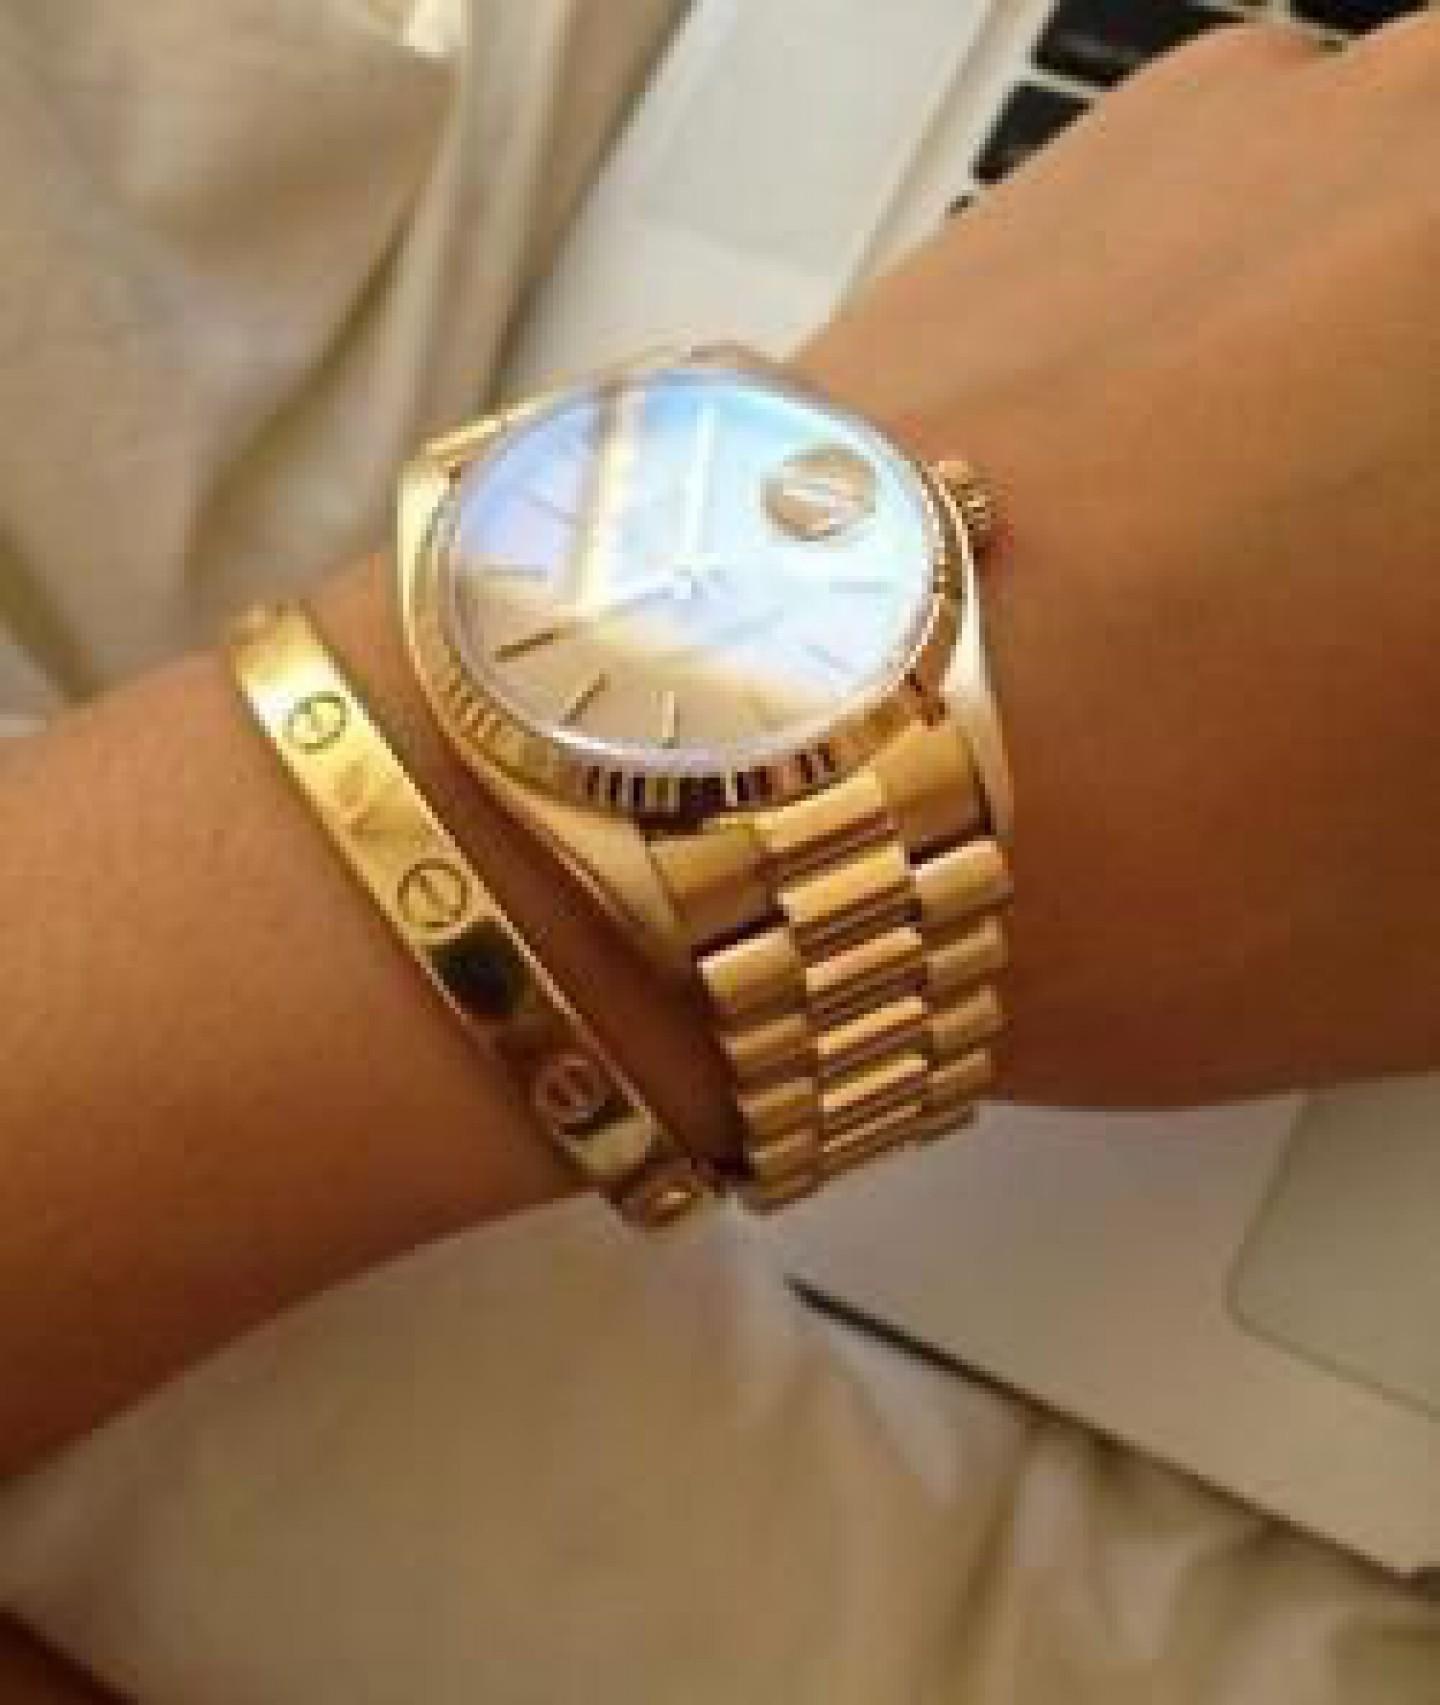 e3882f770f3e ... но и в наше время он способен стать показателем высокого статуса – если  речь идет, к примеру, о женских золотых часах с золотым браслетом.